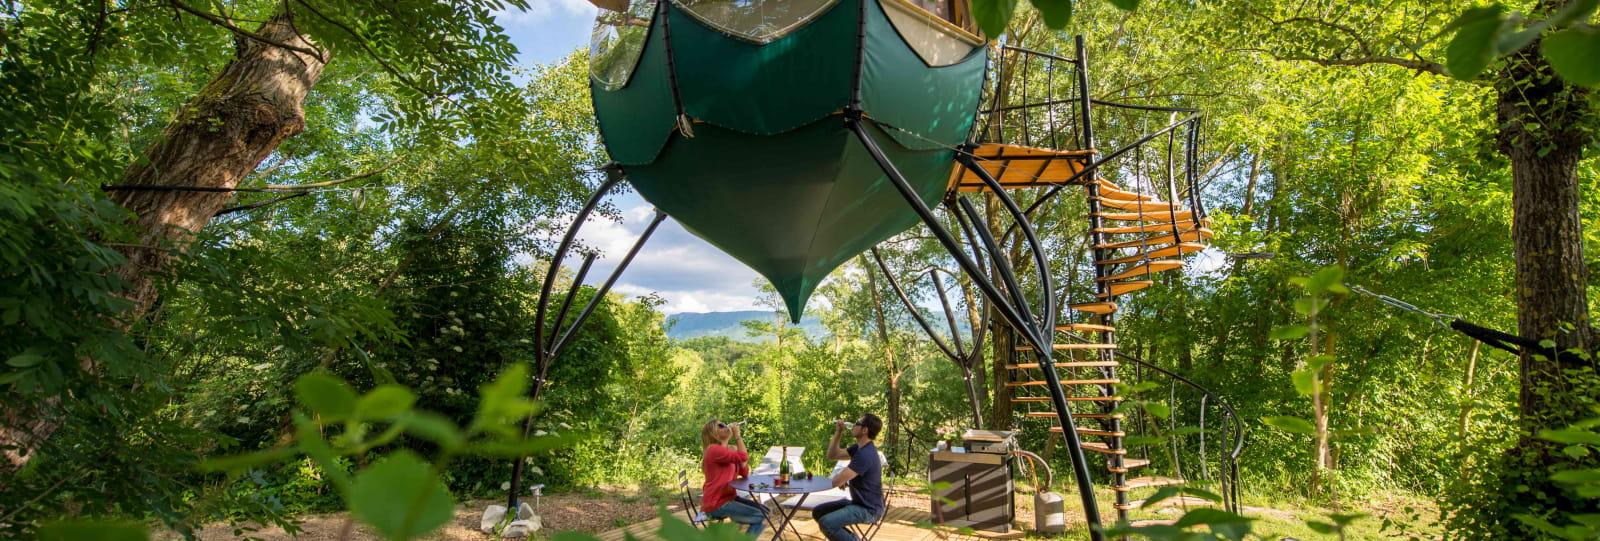 Campalune à Gervanne camping